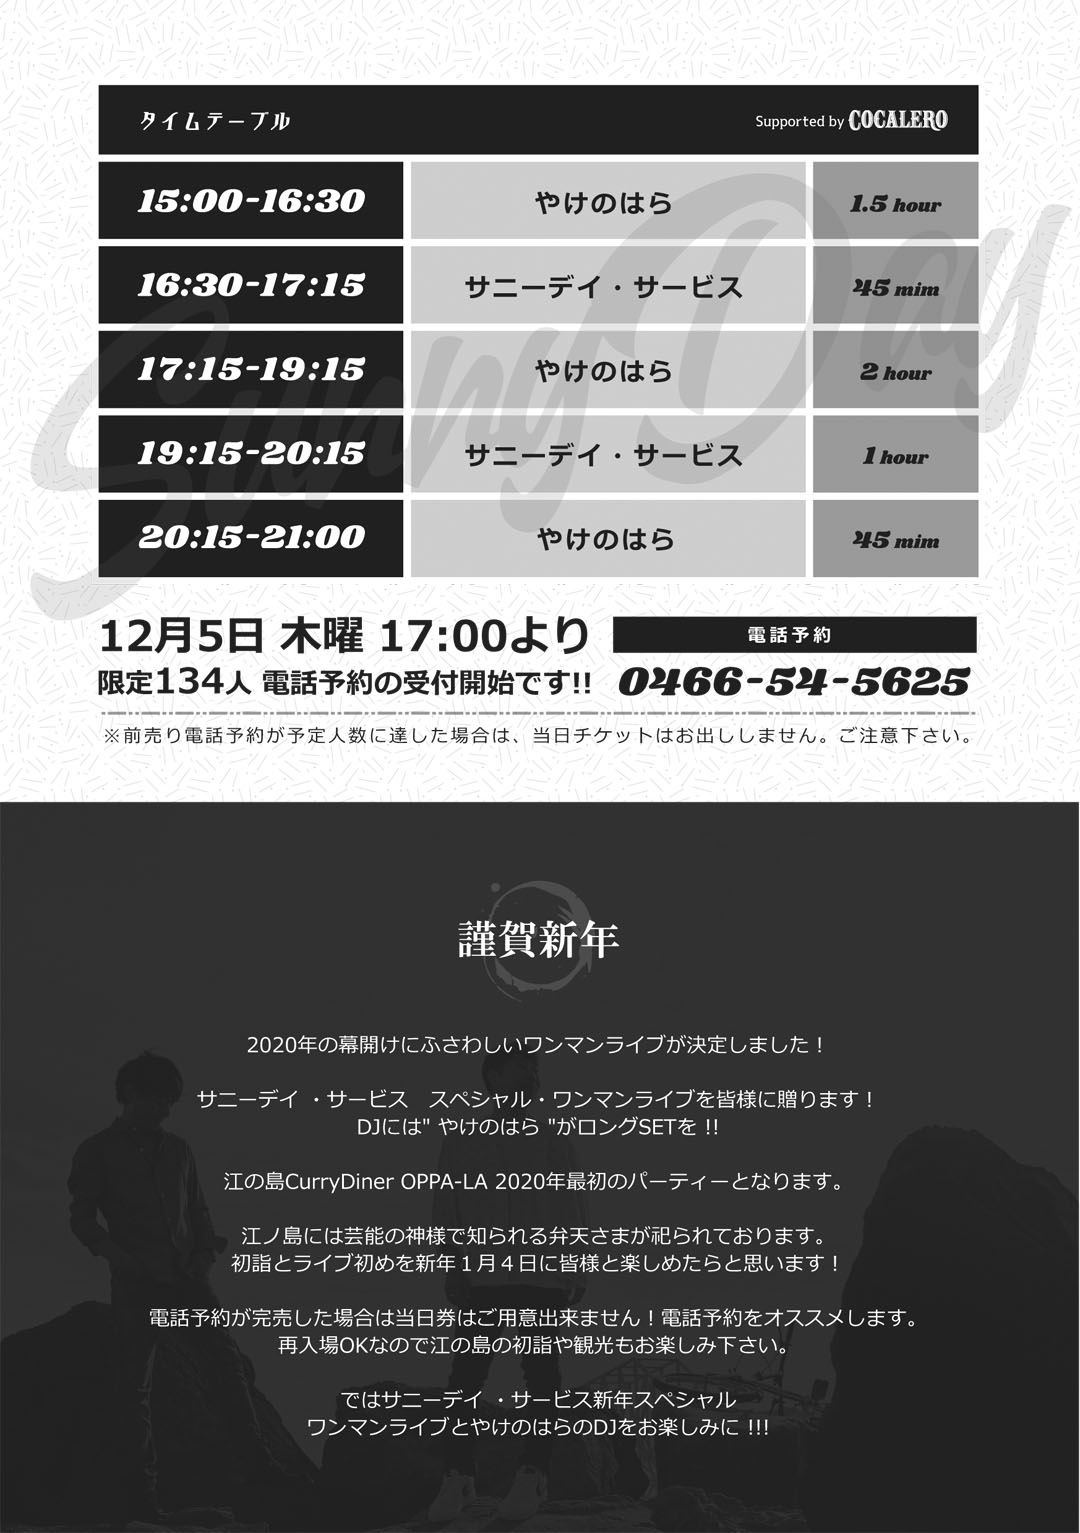 2020新年ライブ初め!1月4日! サニーデイ・サービス 2SETワンマンライブが江の島OPPA-LAにて決定!!!_d0106911_16355467.jpg